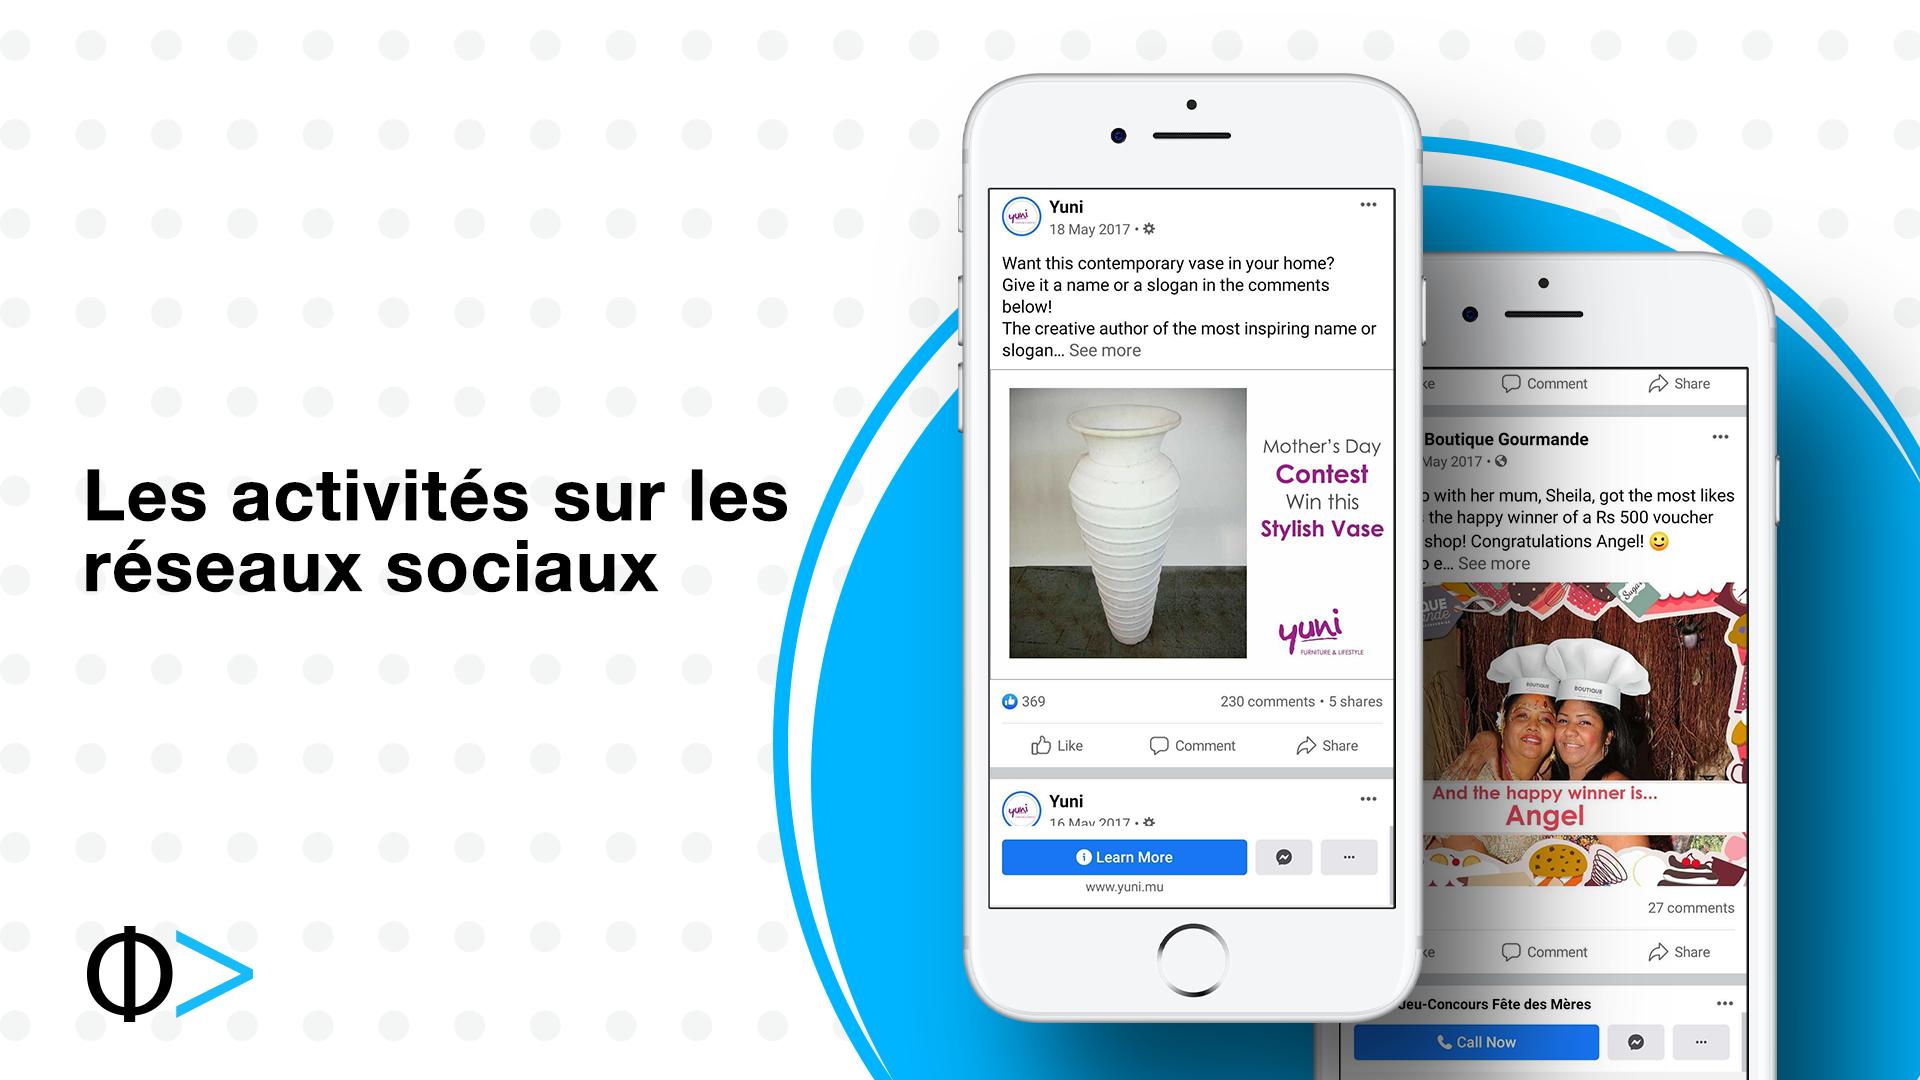 16_activites reseaux sociaux_Blog_template.png